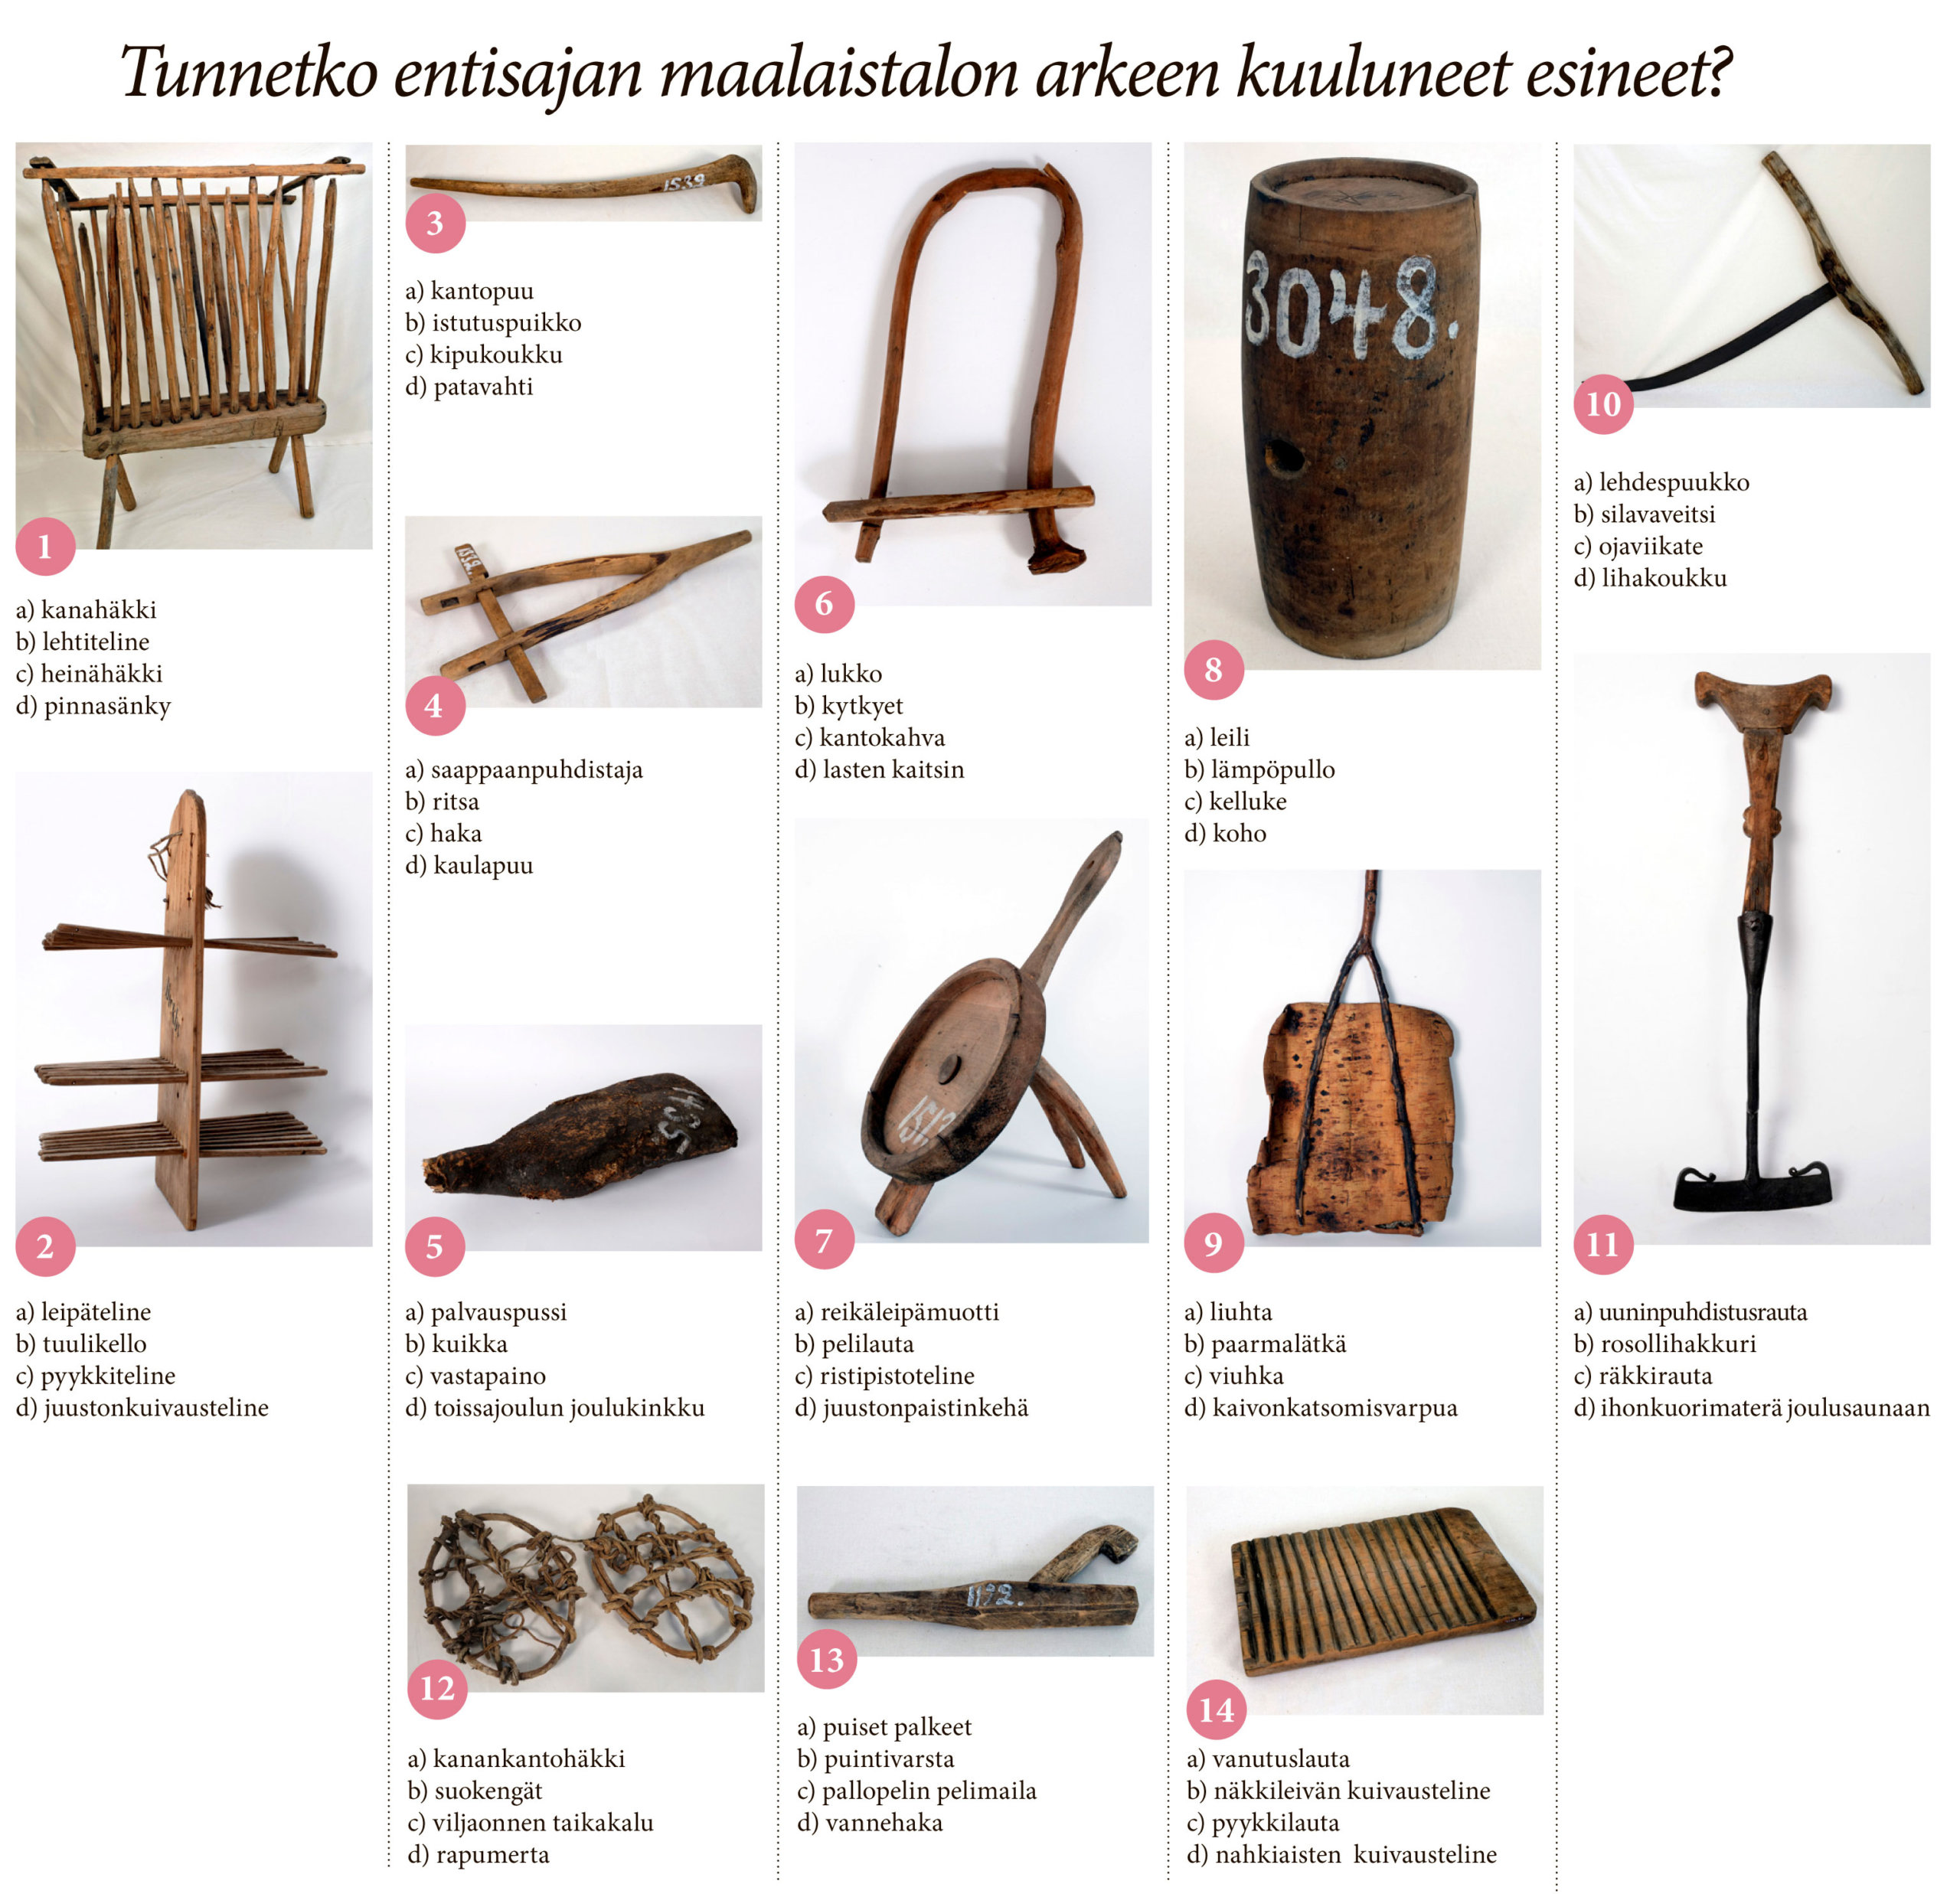 Entisaikojen työkalujen käyttötarkoitusta arvuuteltiin Kangasalan Sanomissa 2.10.2019. Tiedätkö sinä? Oikeat vastaukset julkaistaan huomisessa KS-juhannuskalenteriluukussa.